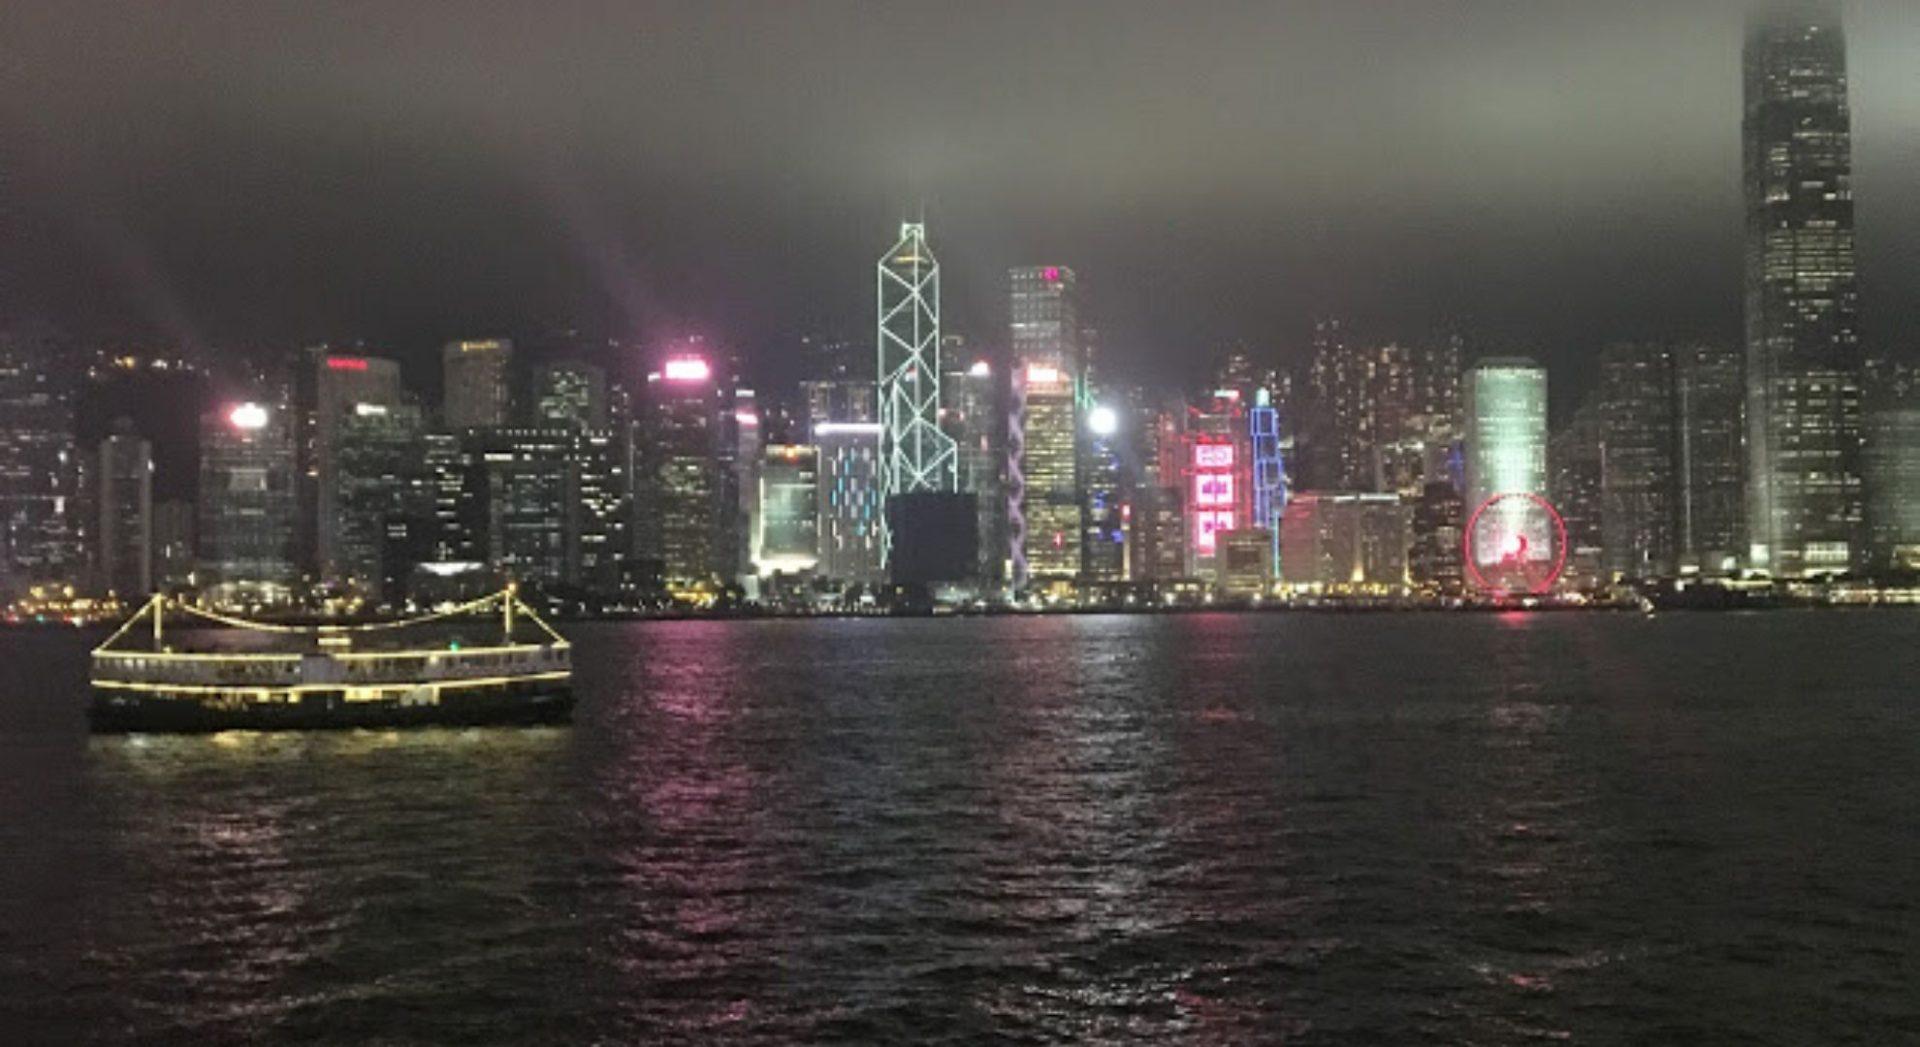 香港のホテル価格が暴落中。香港が長期滞在先として魅力が出てきた。